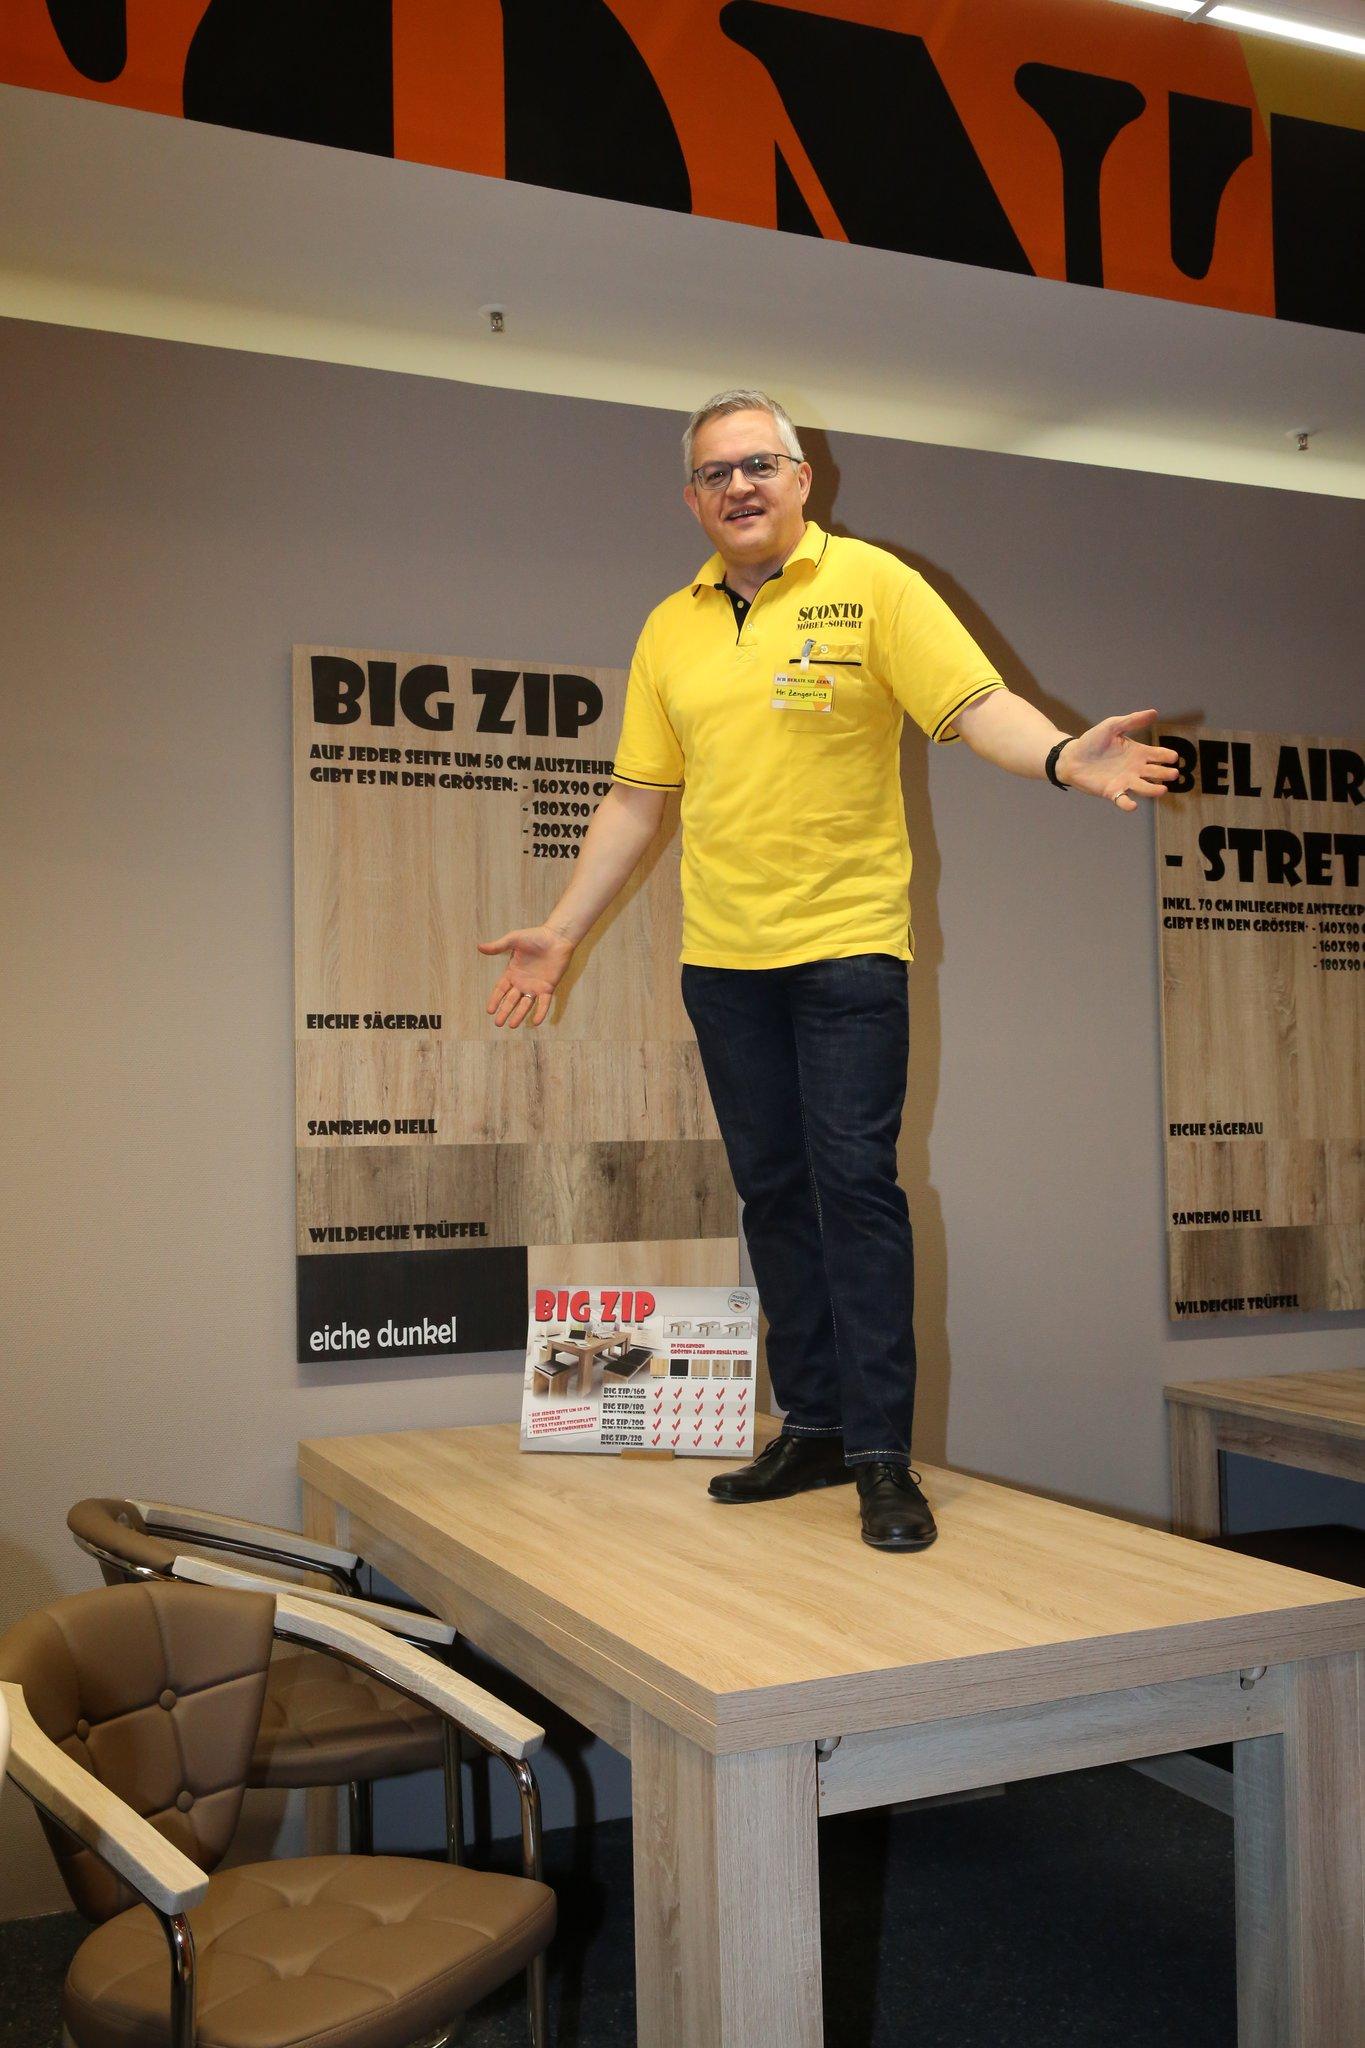 bild 3 aus beitrag sconto m bel zum mitnehmen jetzt neu in der schnellerstra e. Black Bedroom Furniture Sets. Home Design Ideas